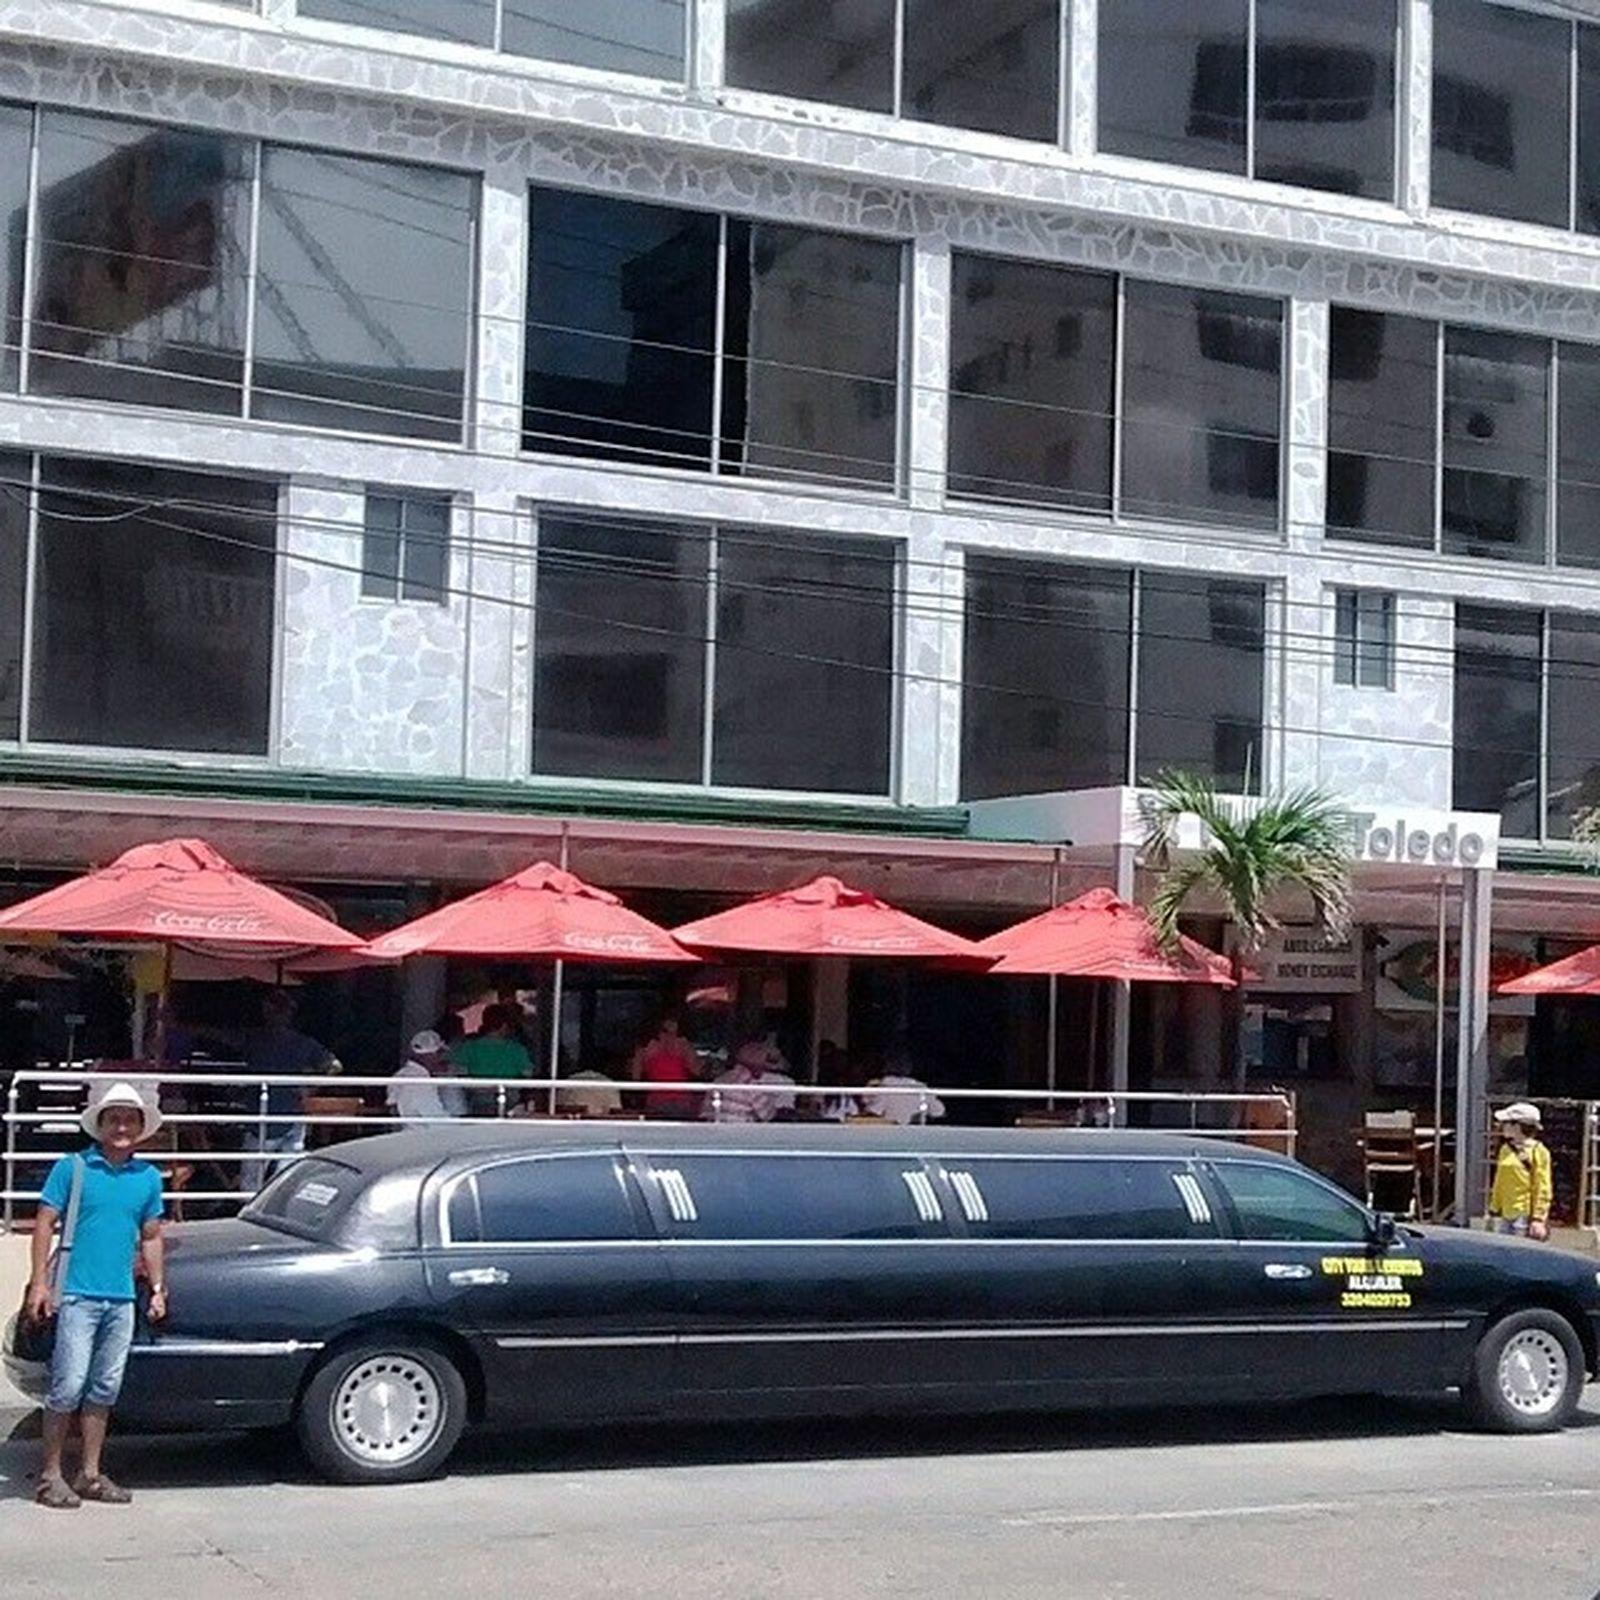 Paseando por Cartagena Toledo Limosina Marbella ??